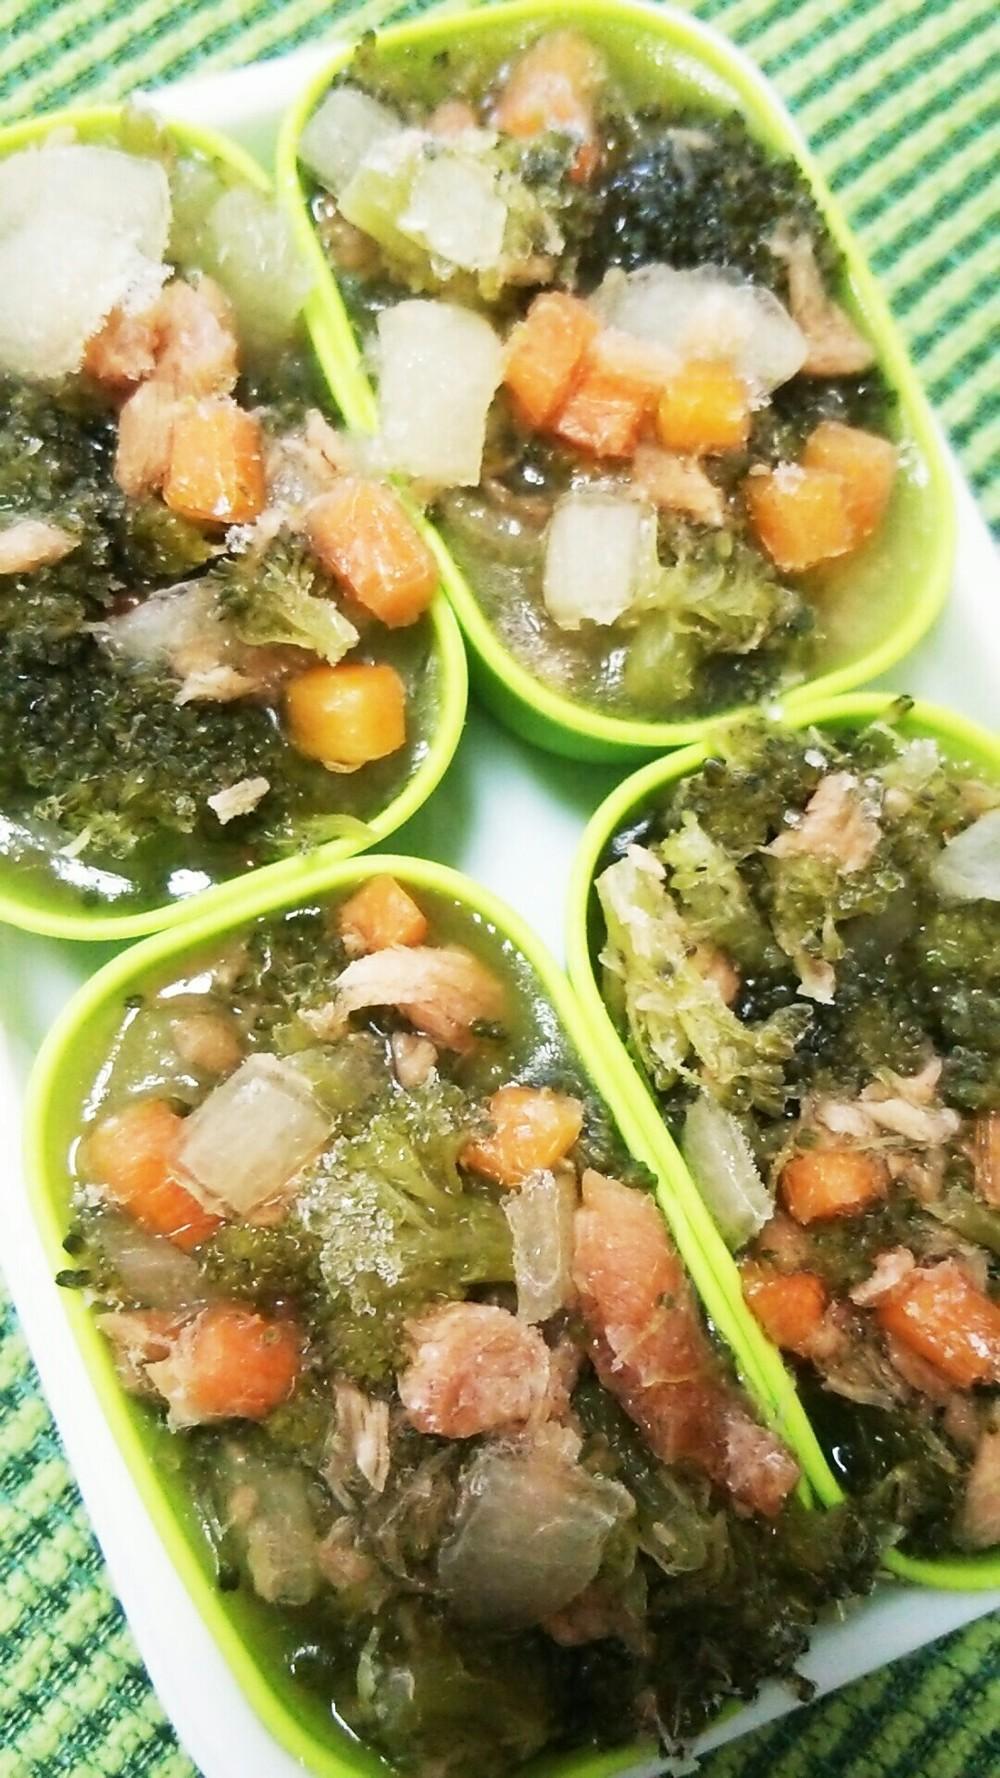 栄養満点の離乳食!野菜たっぷり冷凍鮭スープ